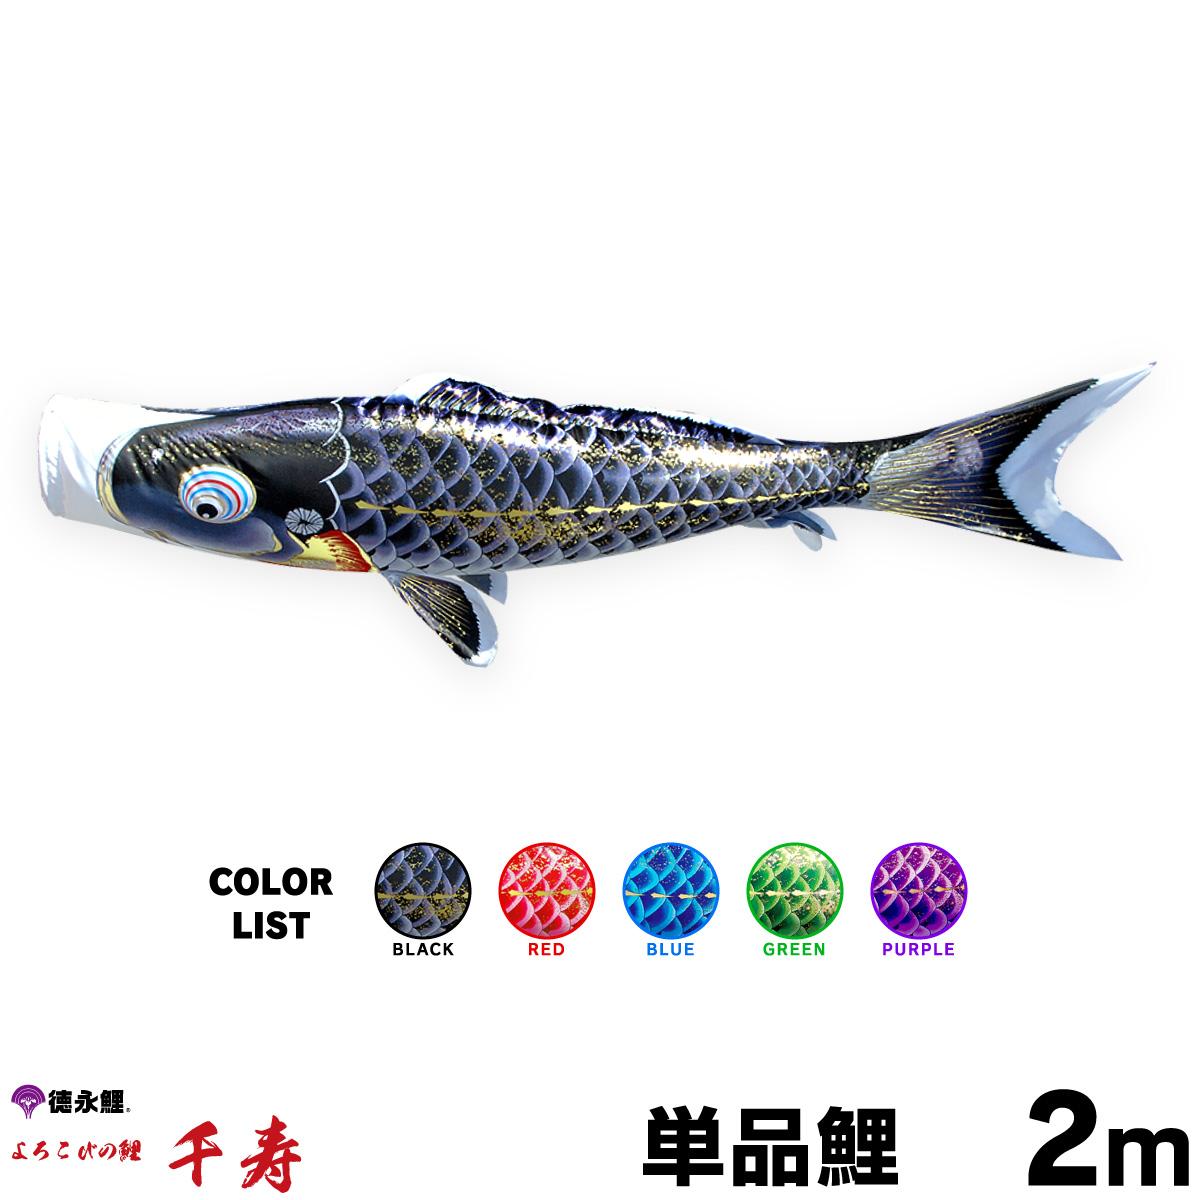 【こいのぼり 単品】 千寿 2m 単品鯉 黒 赤 青 緑 紫